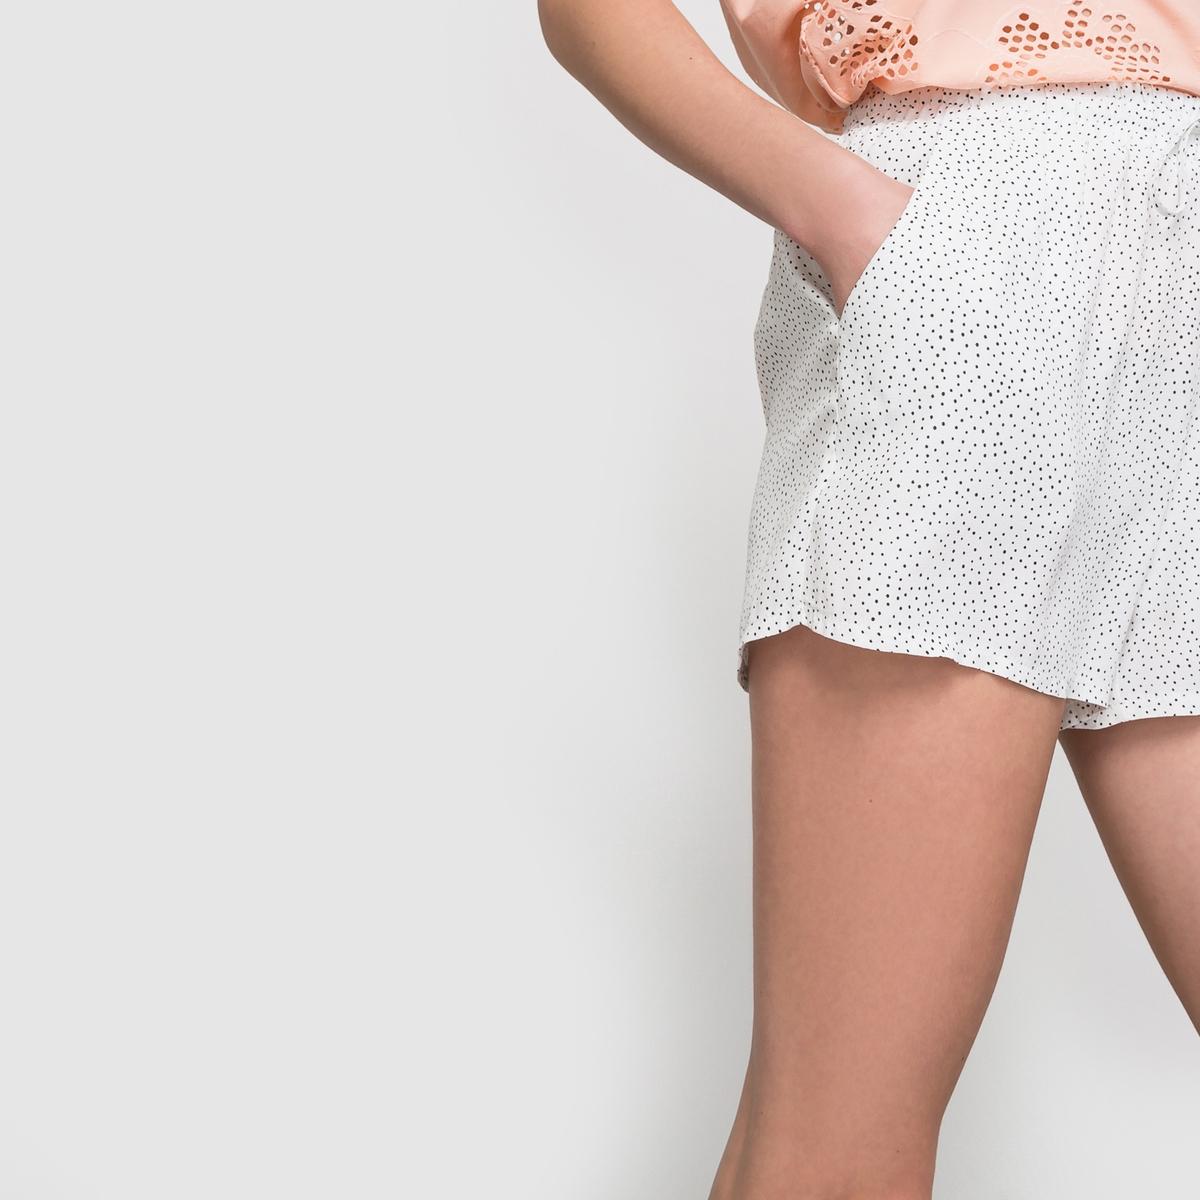 Шорты из струящейся ткани с принтом в горошек DINIAШорты из струящейся ткани DINIA с принтом в горошек . Эластичный пояс с завязками. 2 боковых кармана.Состав и описание : Материал: 100% вискозы.Длина  32 см Длина по внутр.шву 8 смМарка: ICHI.Уход :Машинная стирка при 30°C с вещами подобных цветов.Стирать и гладить с изнанки.Машинная сушка запрещенаГладить на низкой температуре.<br><br>Цвет: экрю/черный горошек